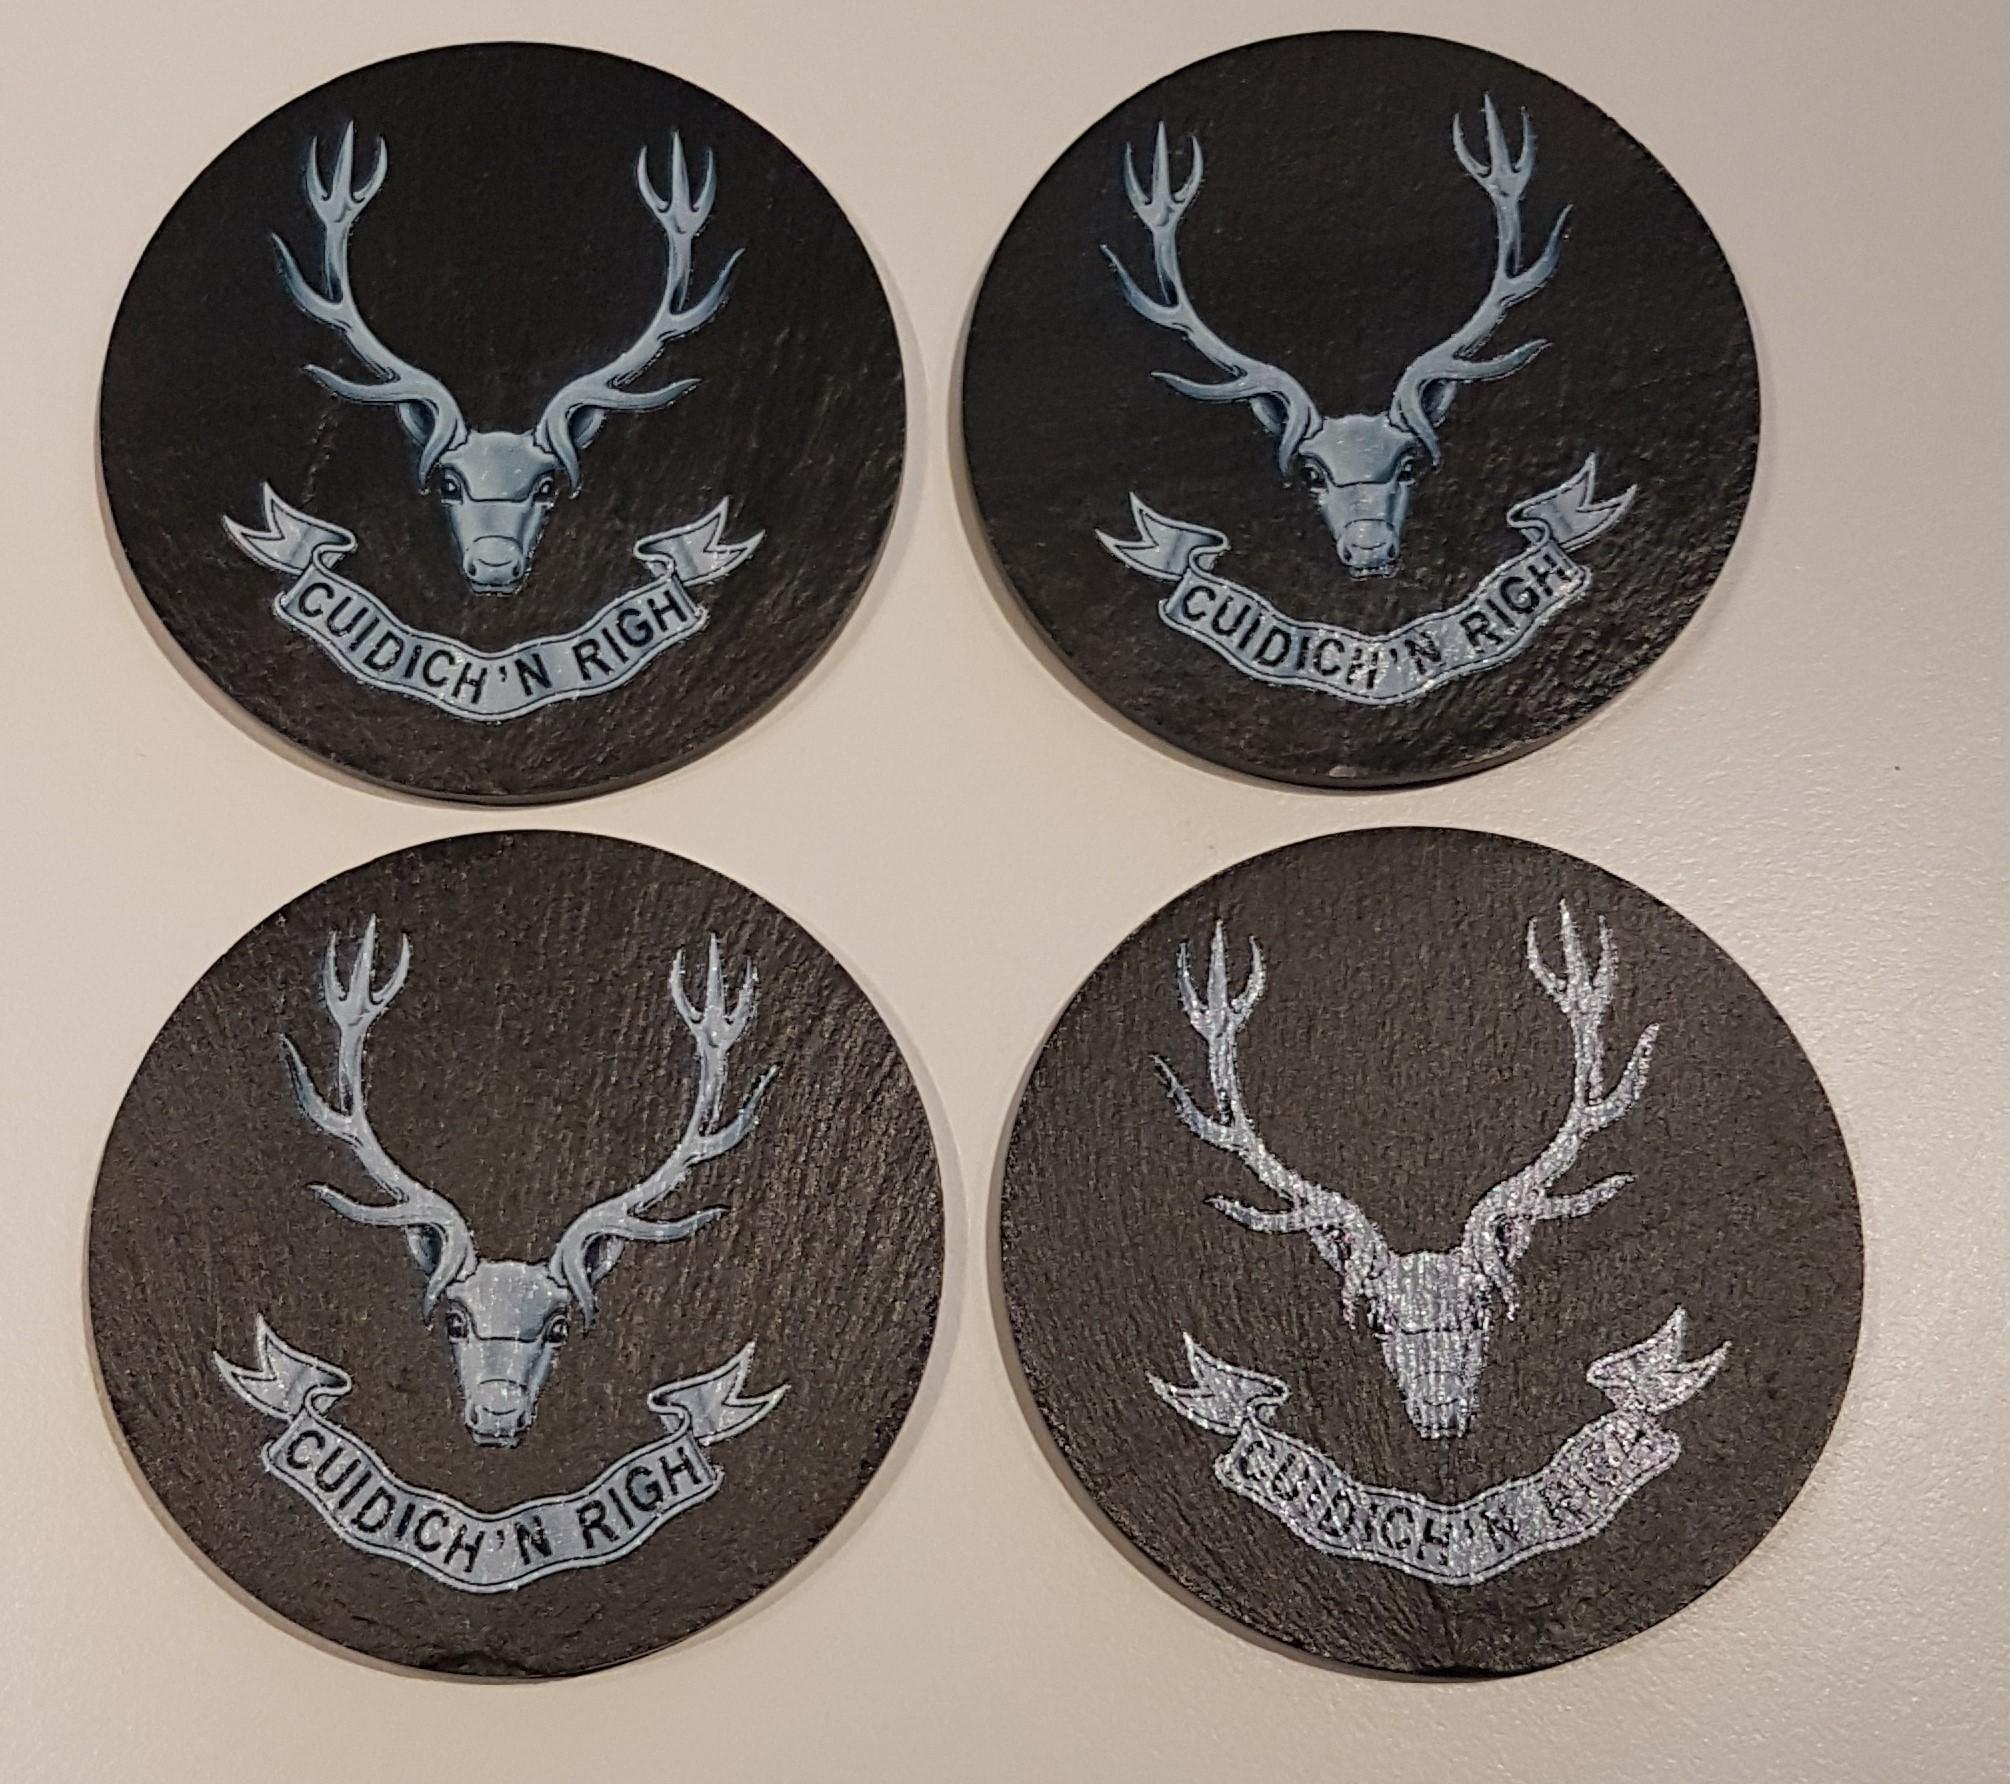 Slate Coasters - Seaforth Highlanders